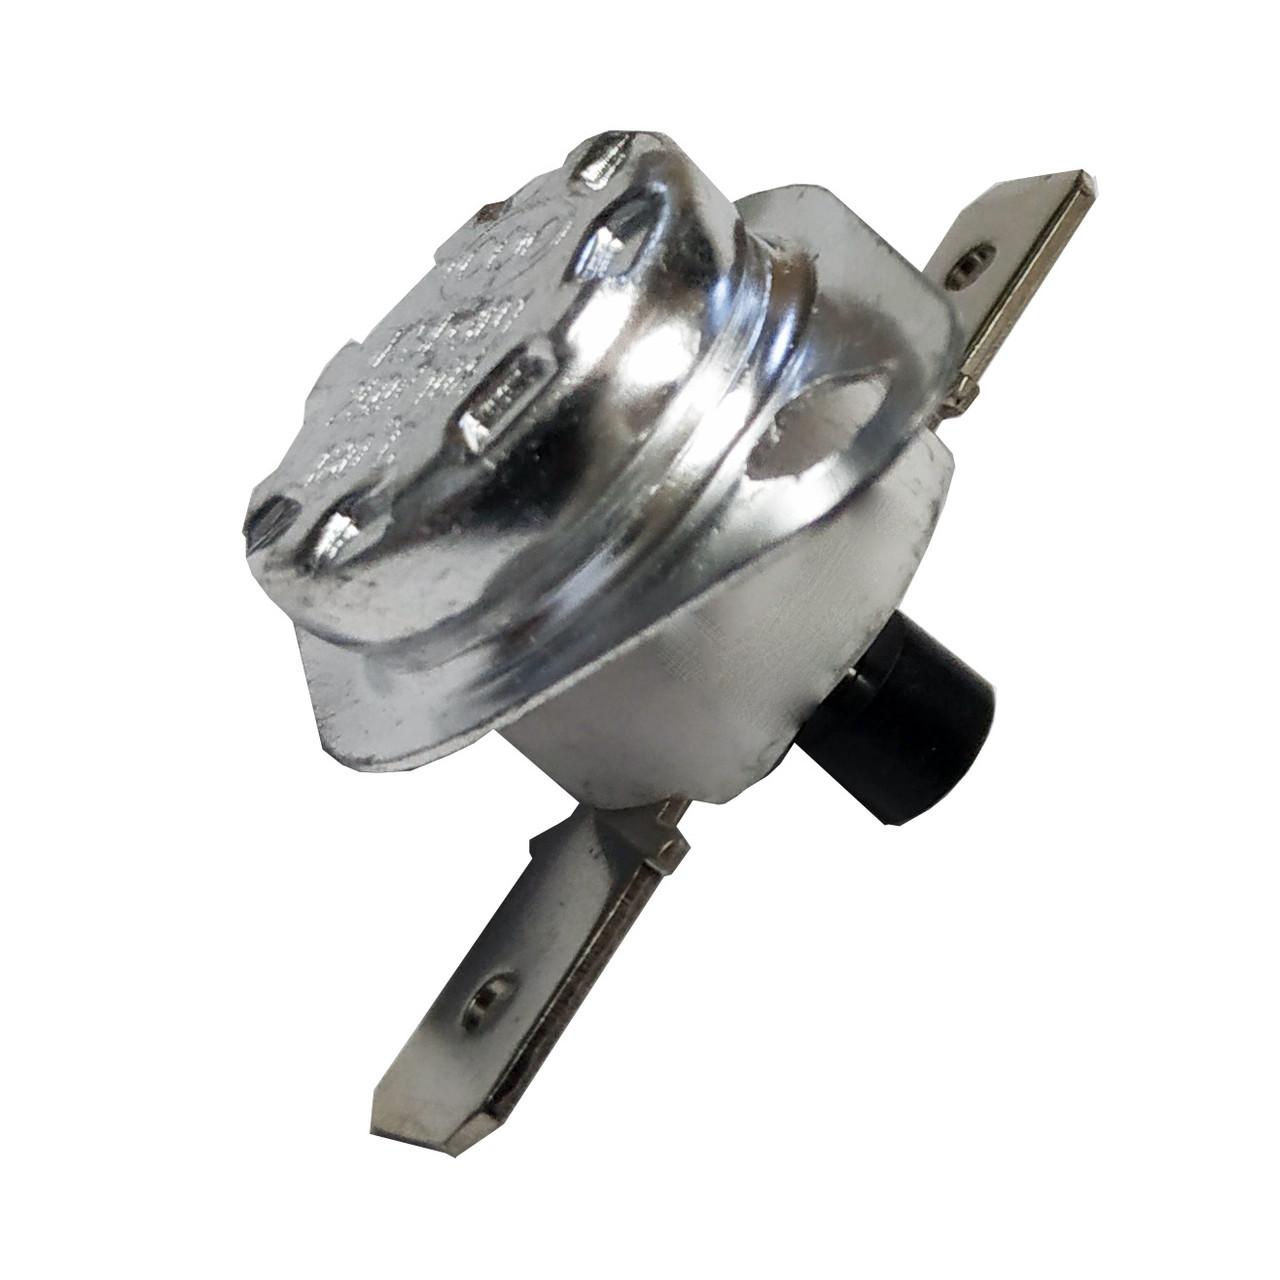 Термостат отсекатель аварийный защитный KSD 303 (КСД) на 85°С 10А с ручной активацией